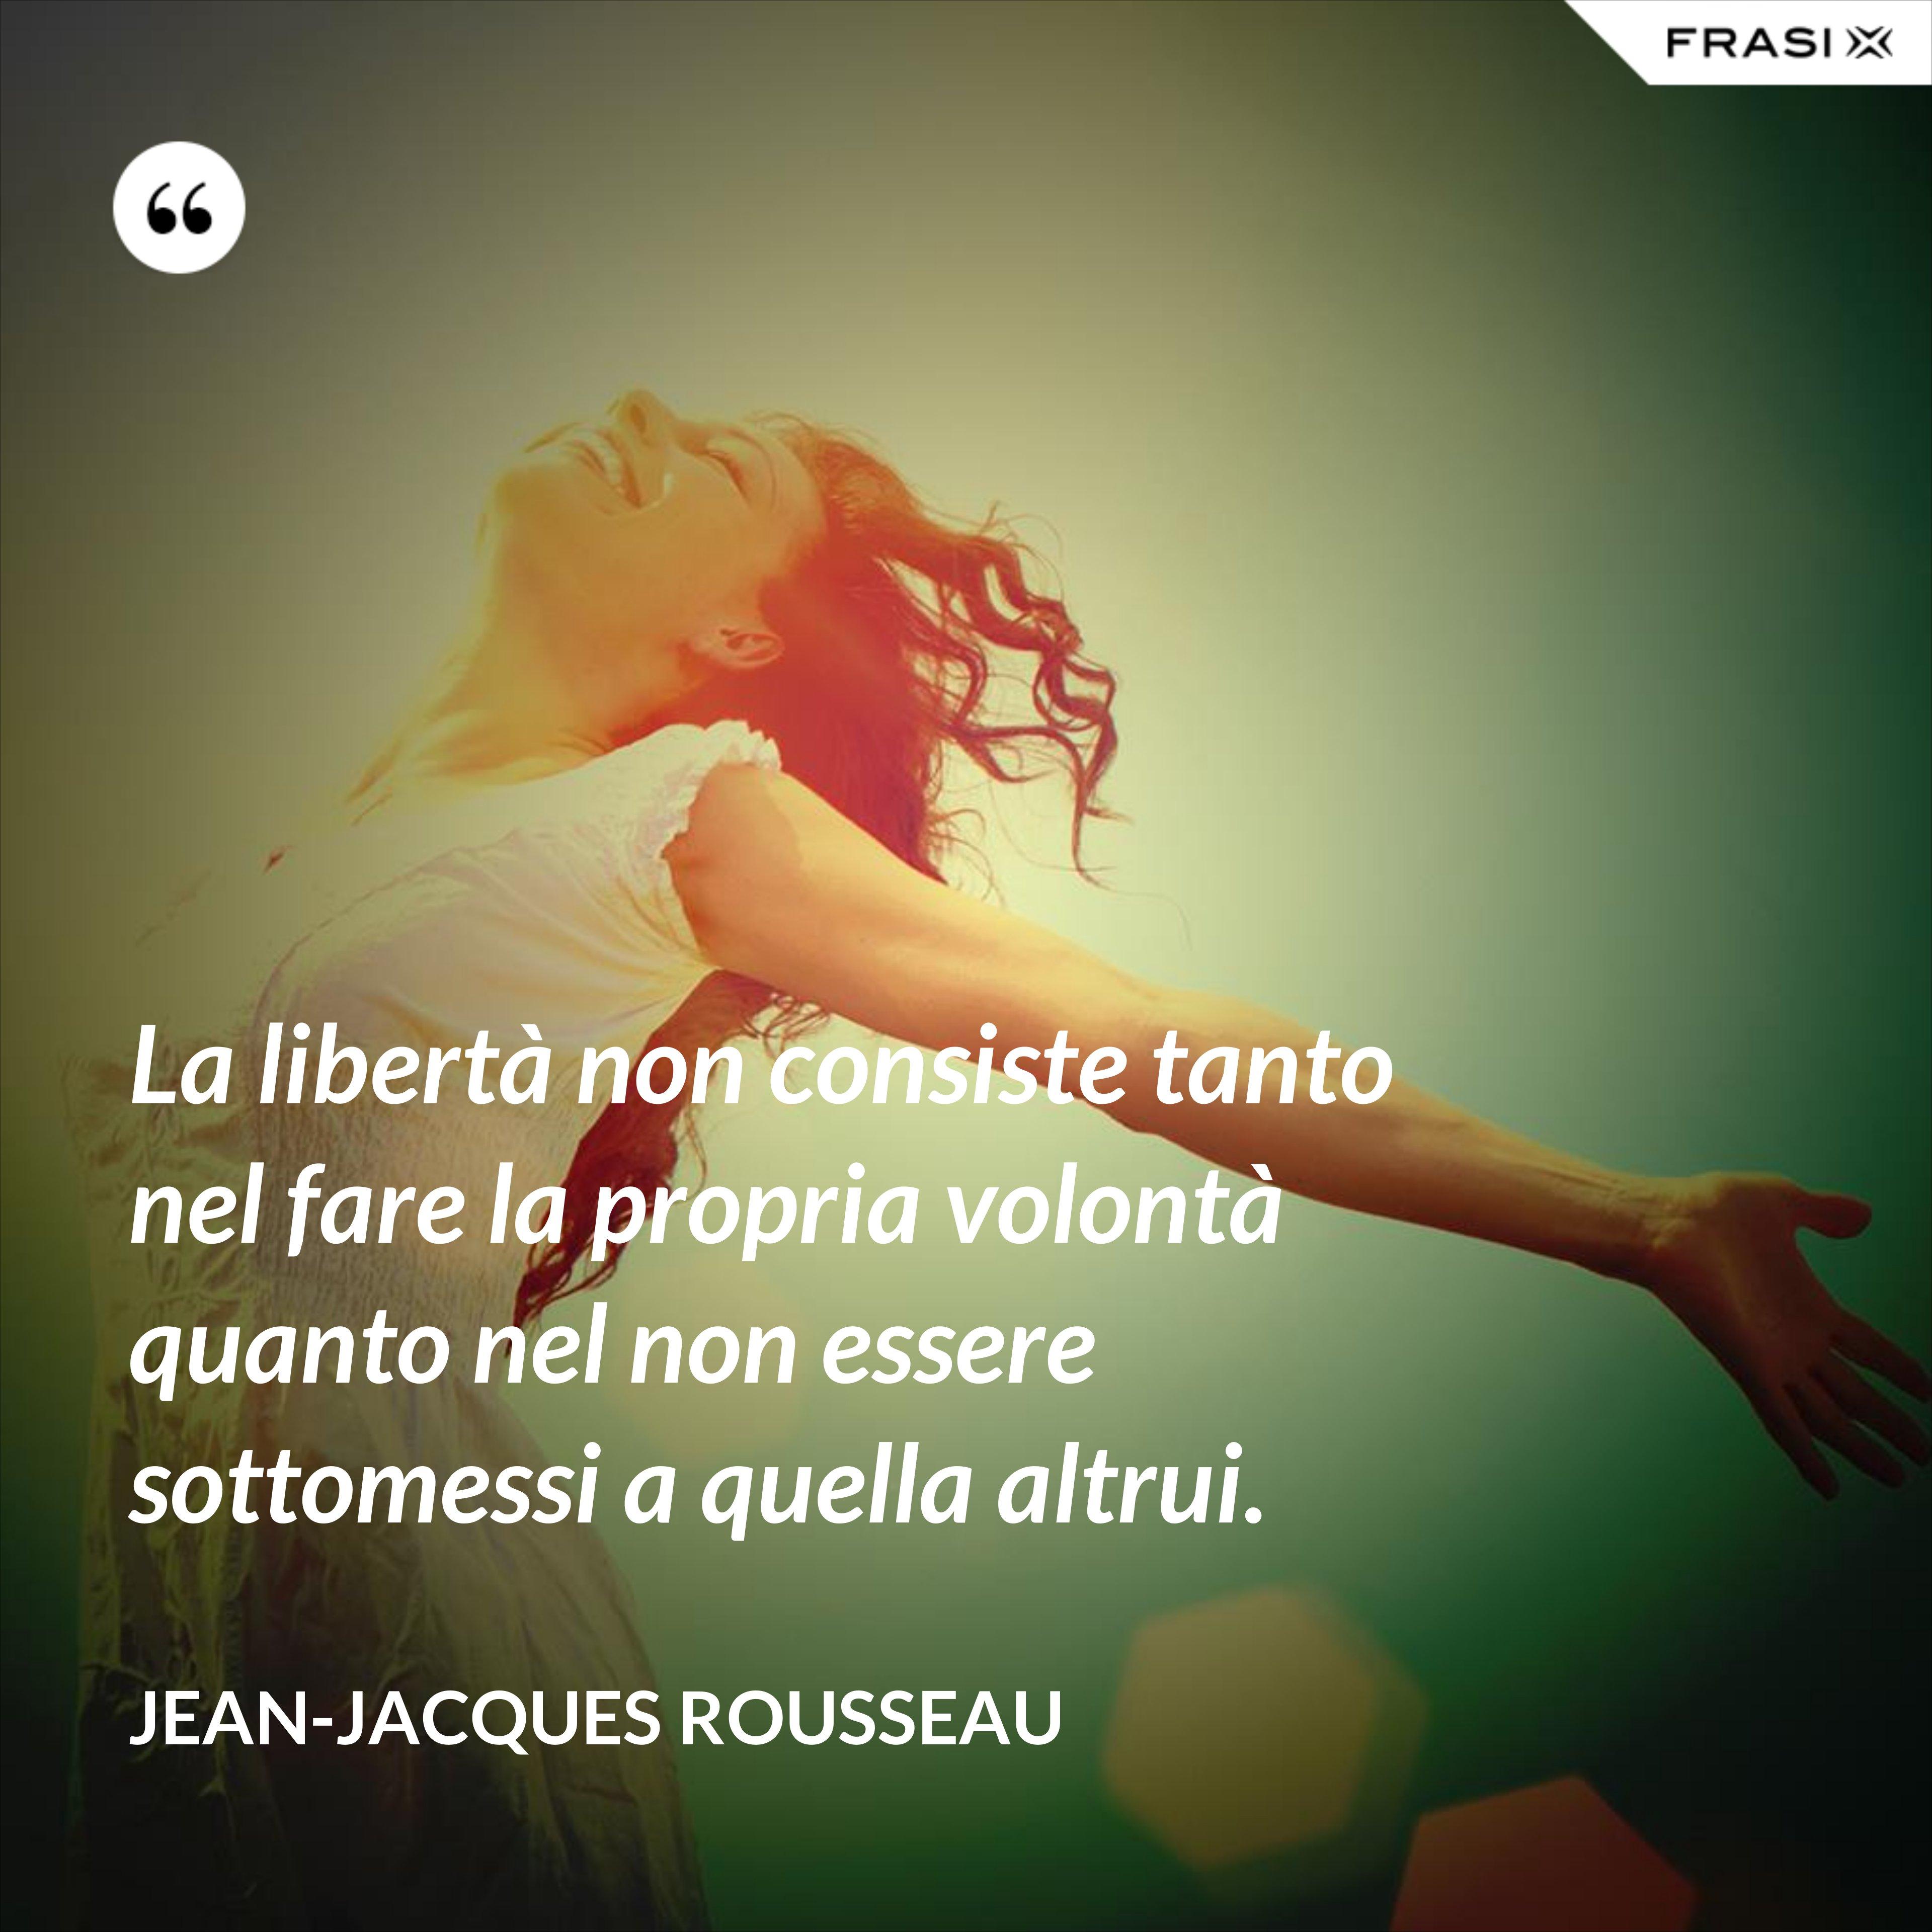 La libertà non consiste tanto nel fare la propria volontà quanto nel non essere sottomessi a quella altrui. - Jean-Jacques Rousseau